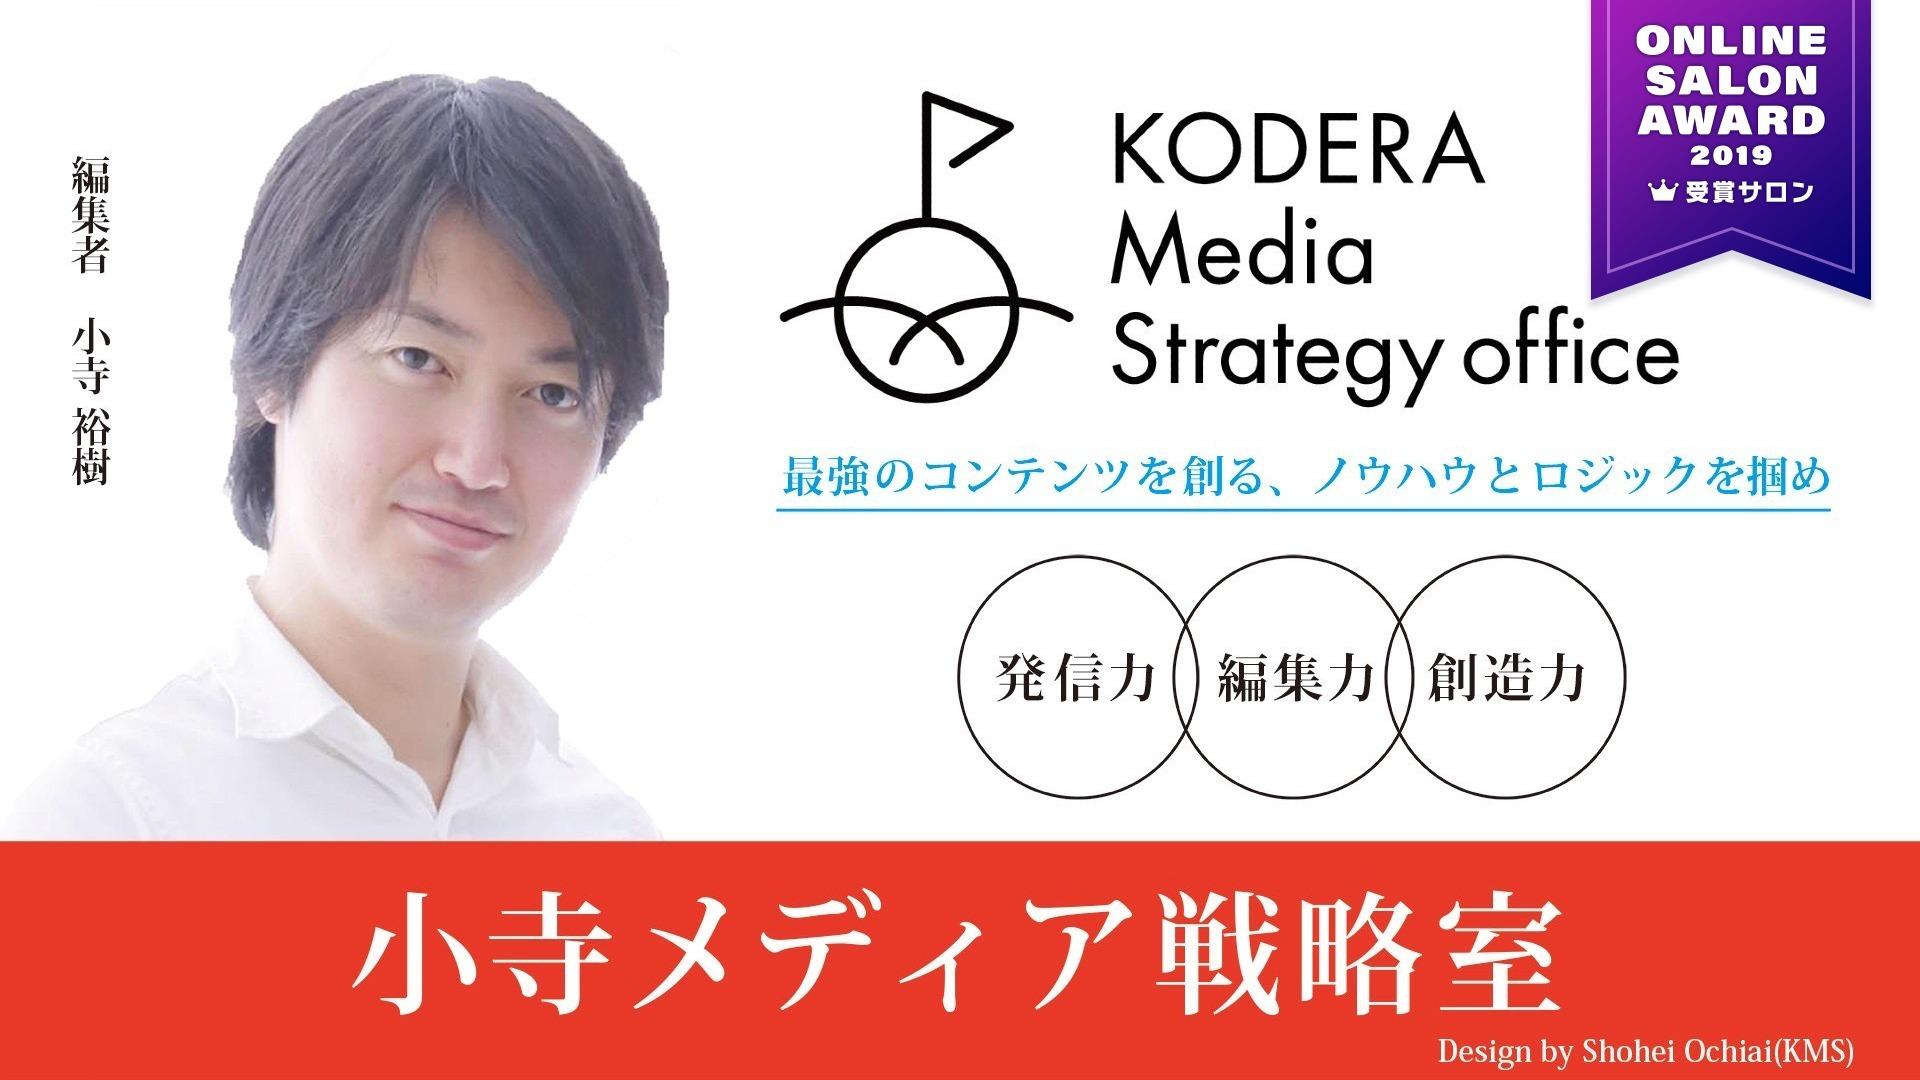 小寺裕樹 - 小寺メディア戦略室 - DMM オンラインサロン